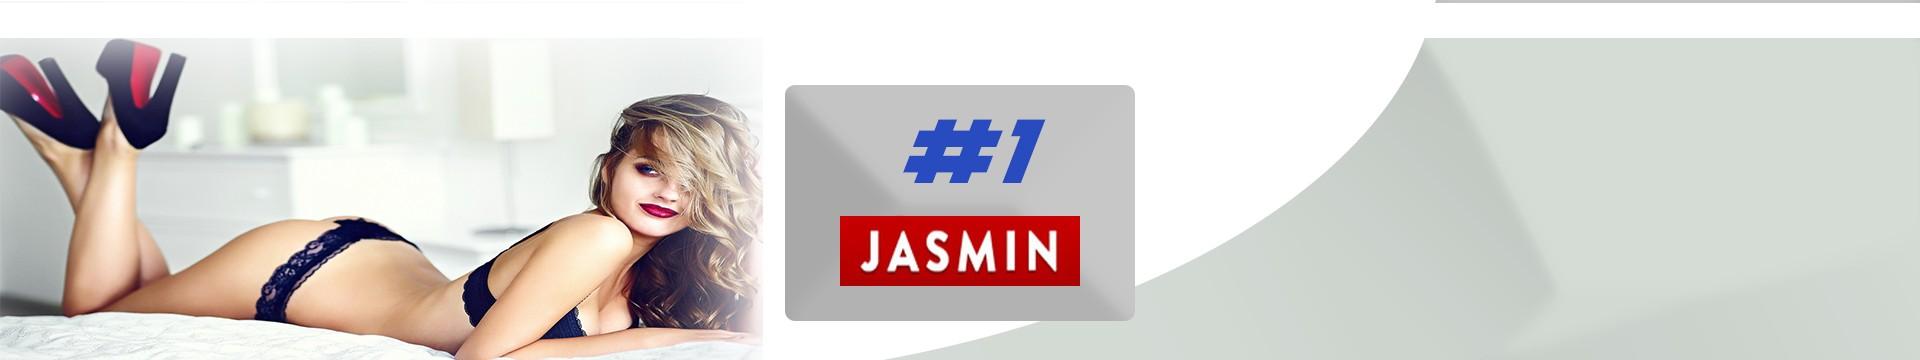 Live Jasmin